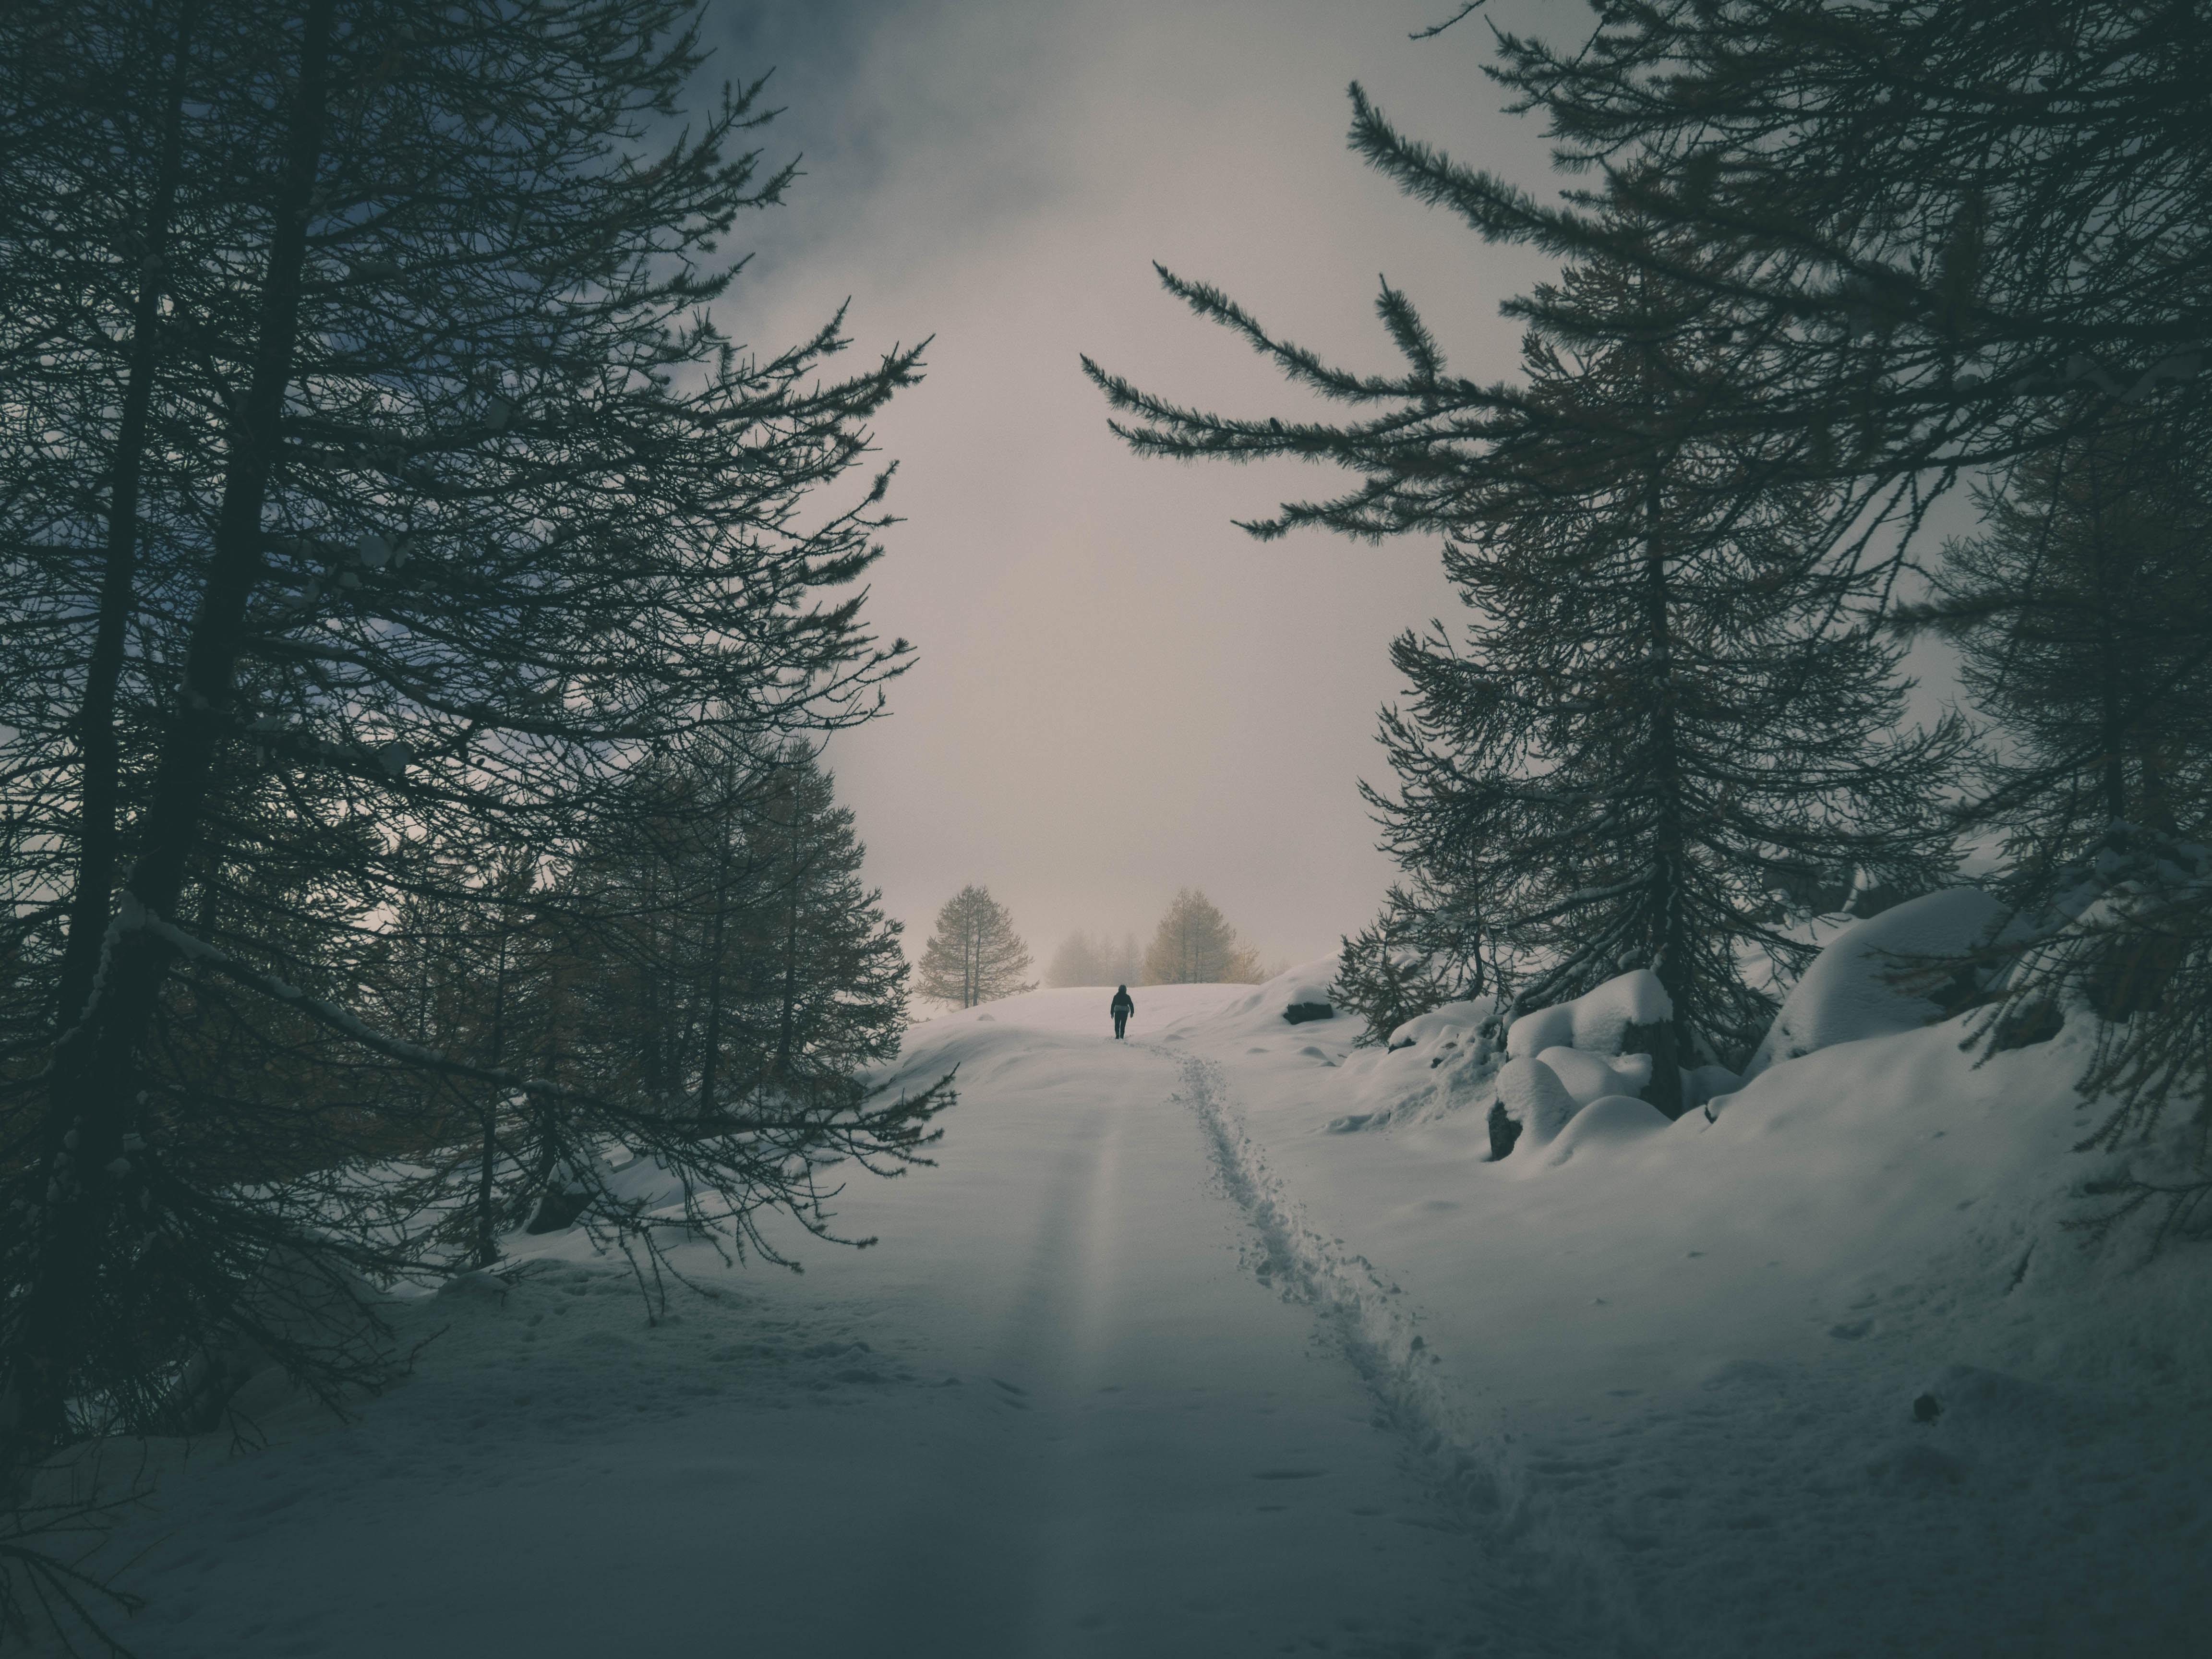 139342 Hintergrundbild herunterladen Winterreifen, Natur, Bäume, Schnee, Silhouette, Wald - Bildschirmschoner und Bilder kostenlos